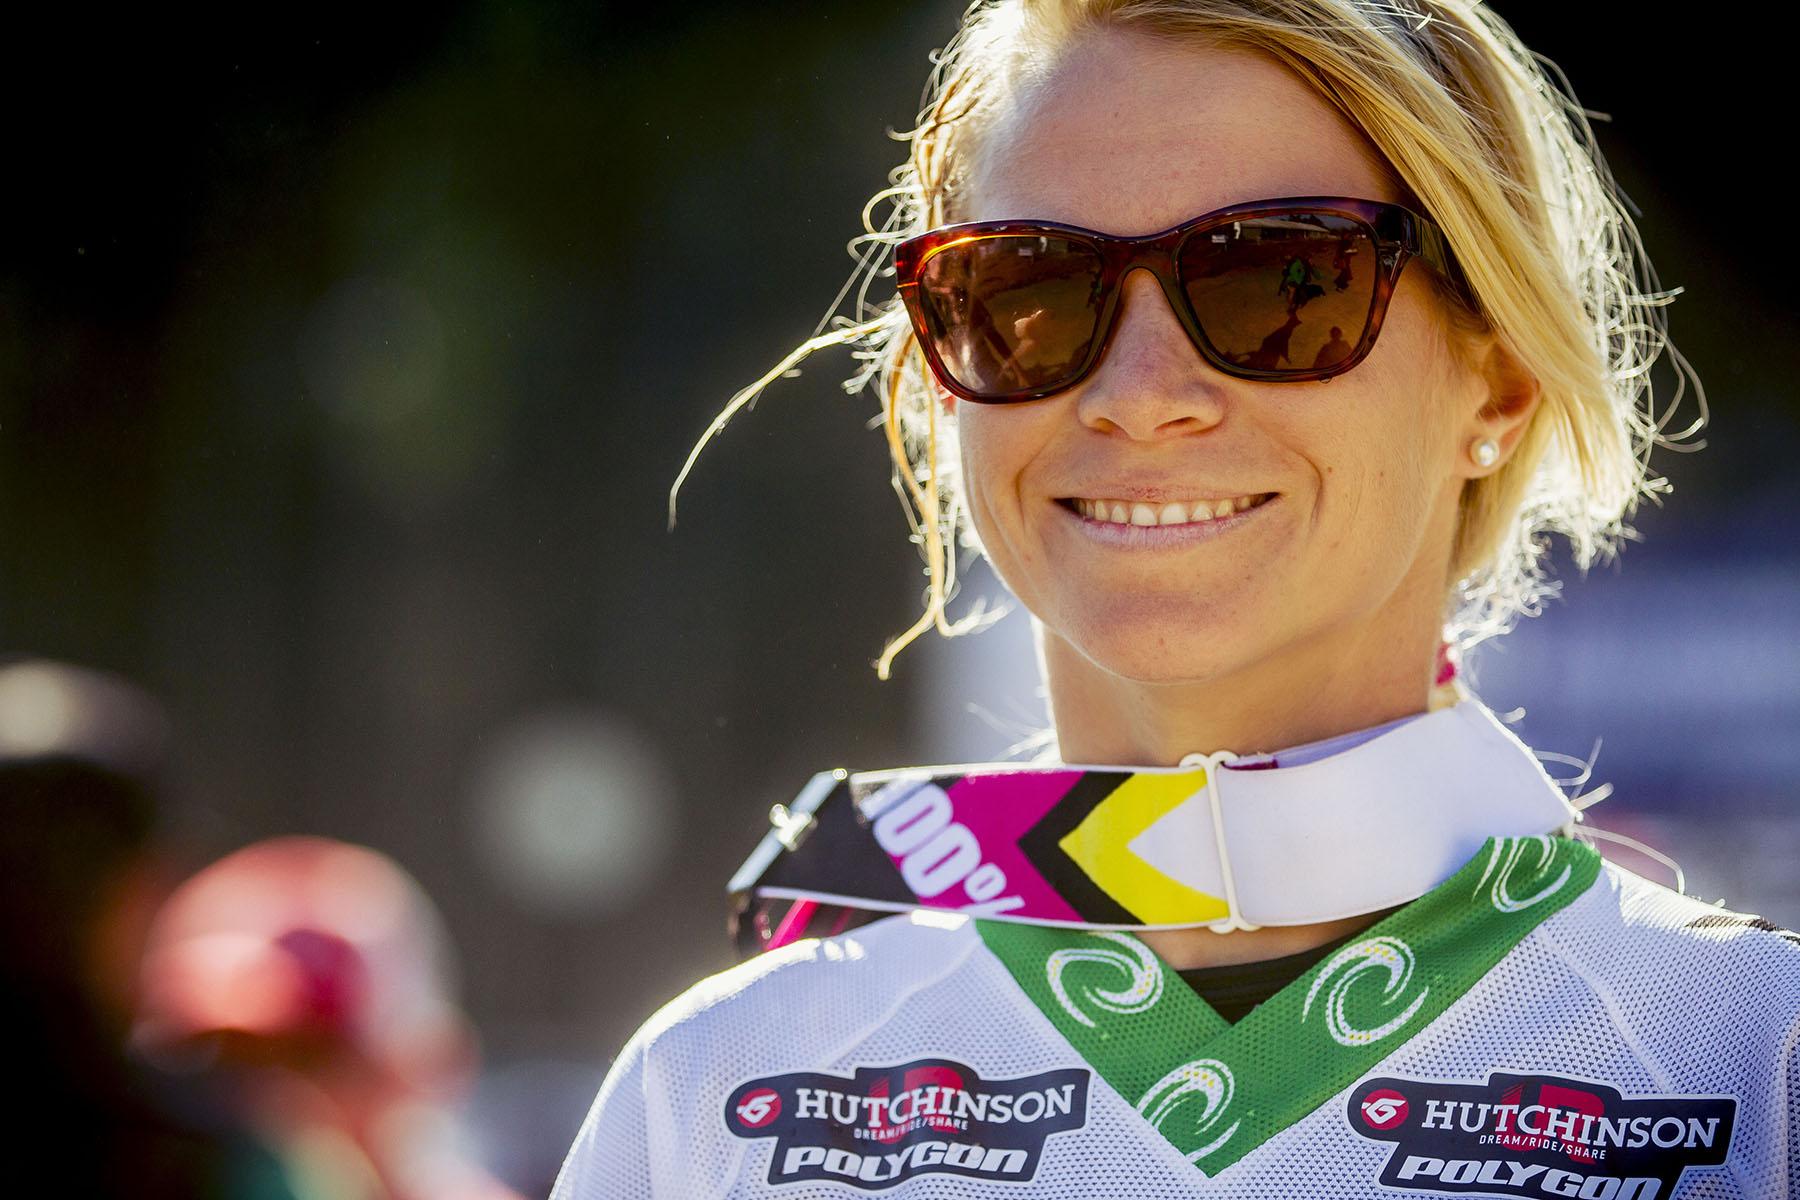 Tracey Hannah wurde in den letzten Jahren von zahlreichen Unfällen immer wieder in ihrer Kondition zurück geworfen. Umso konnte sie sich über den dritten Platz bei den Elite Damen freuen. Nächstes Jahr können wir wieder viel von ihr erwarten.